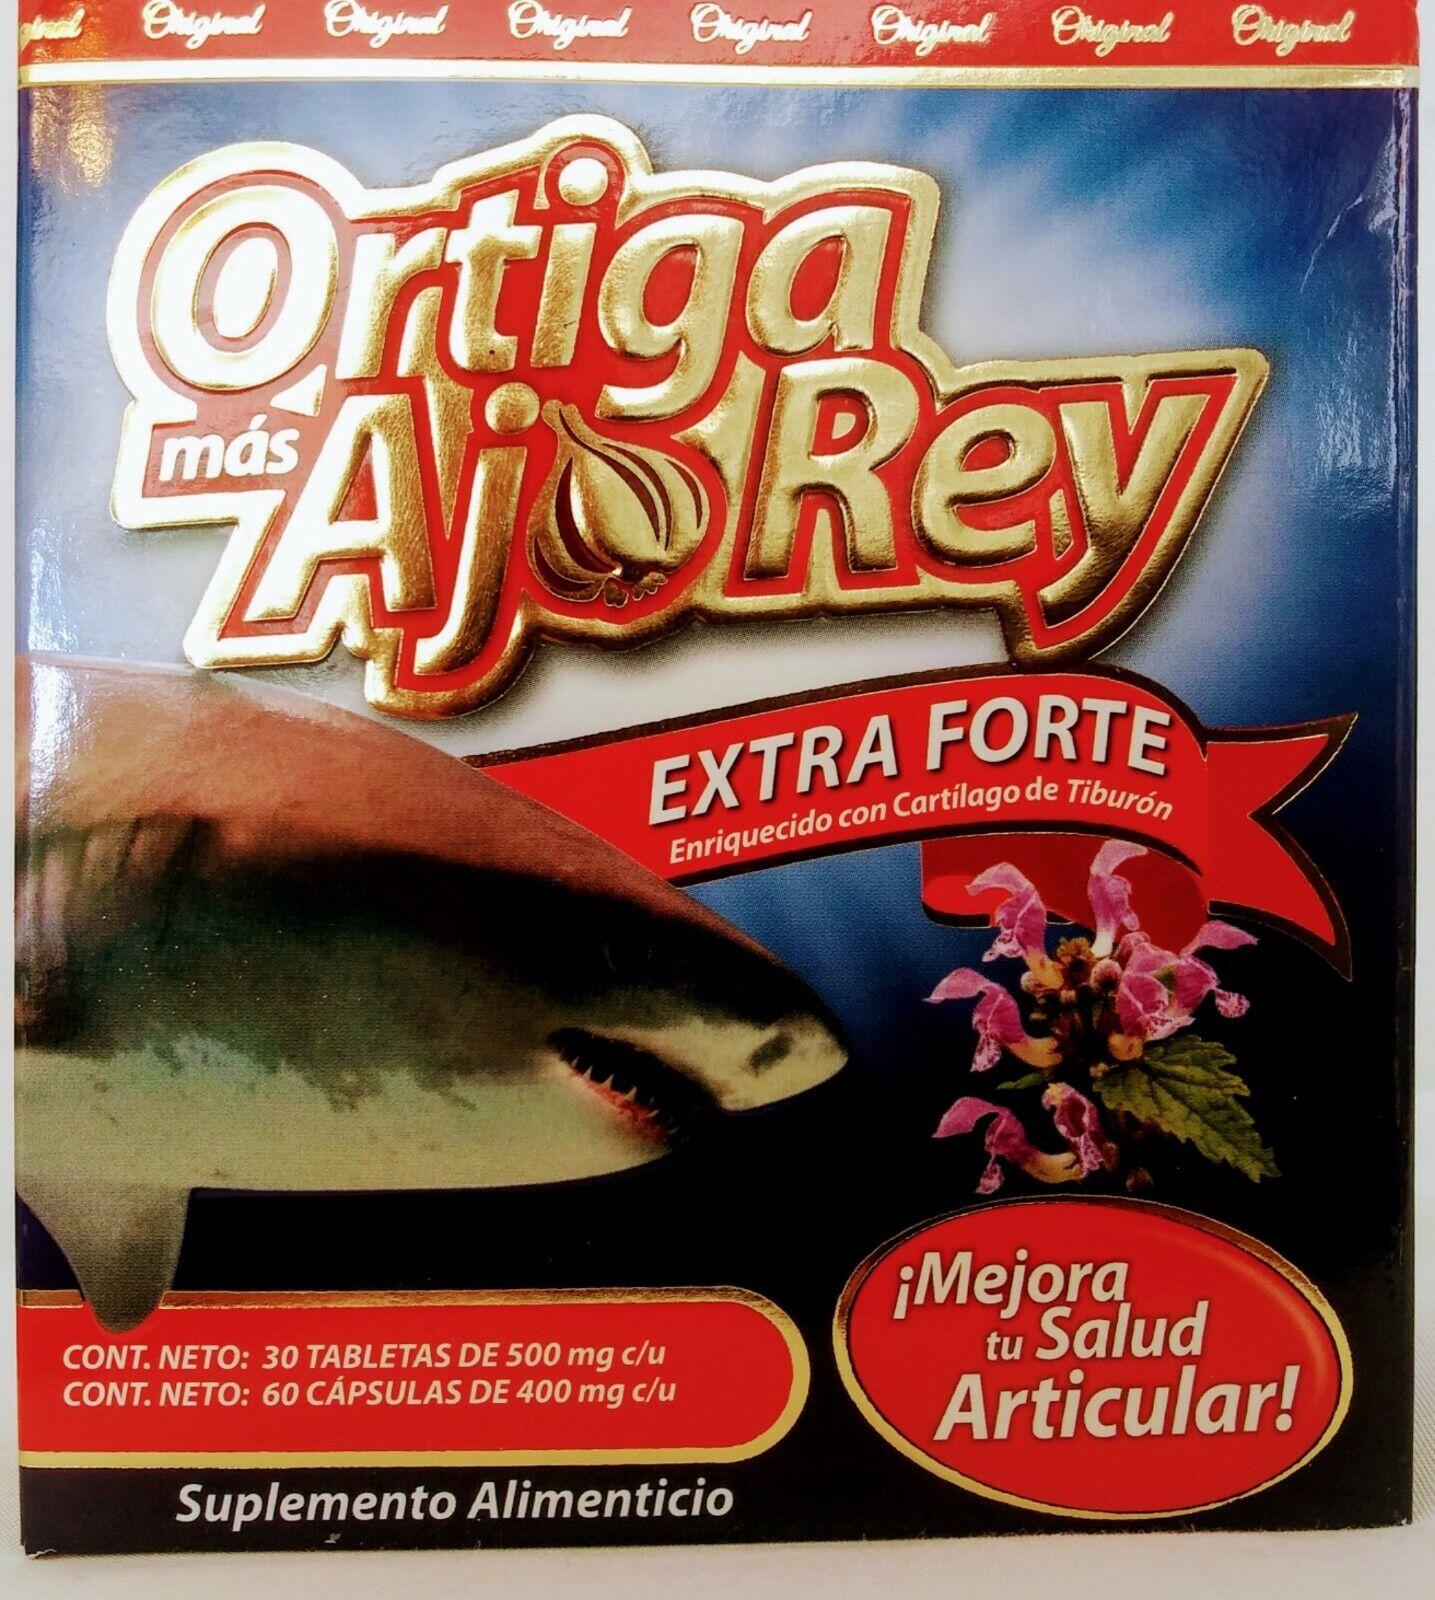 Ortiga Mas Ajo Rey EXTRA FORTE Con Cartilago De Tiburon FREE shipping (90 caps)